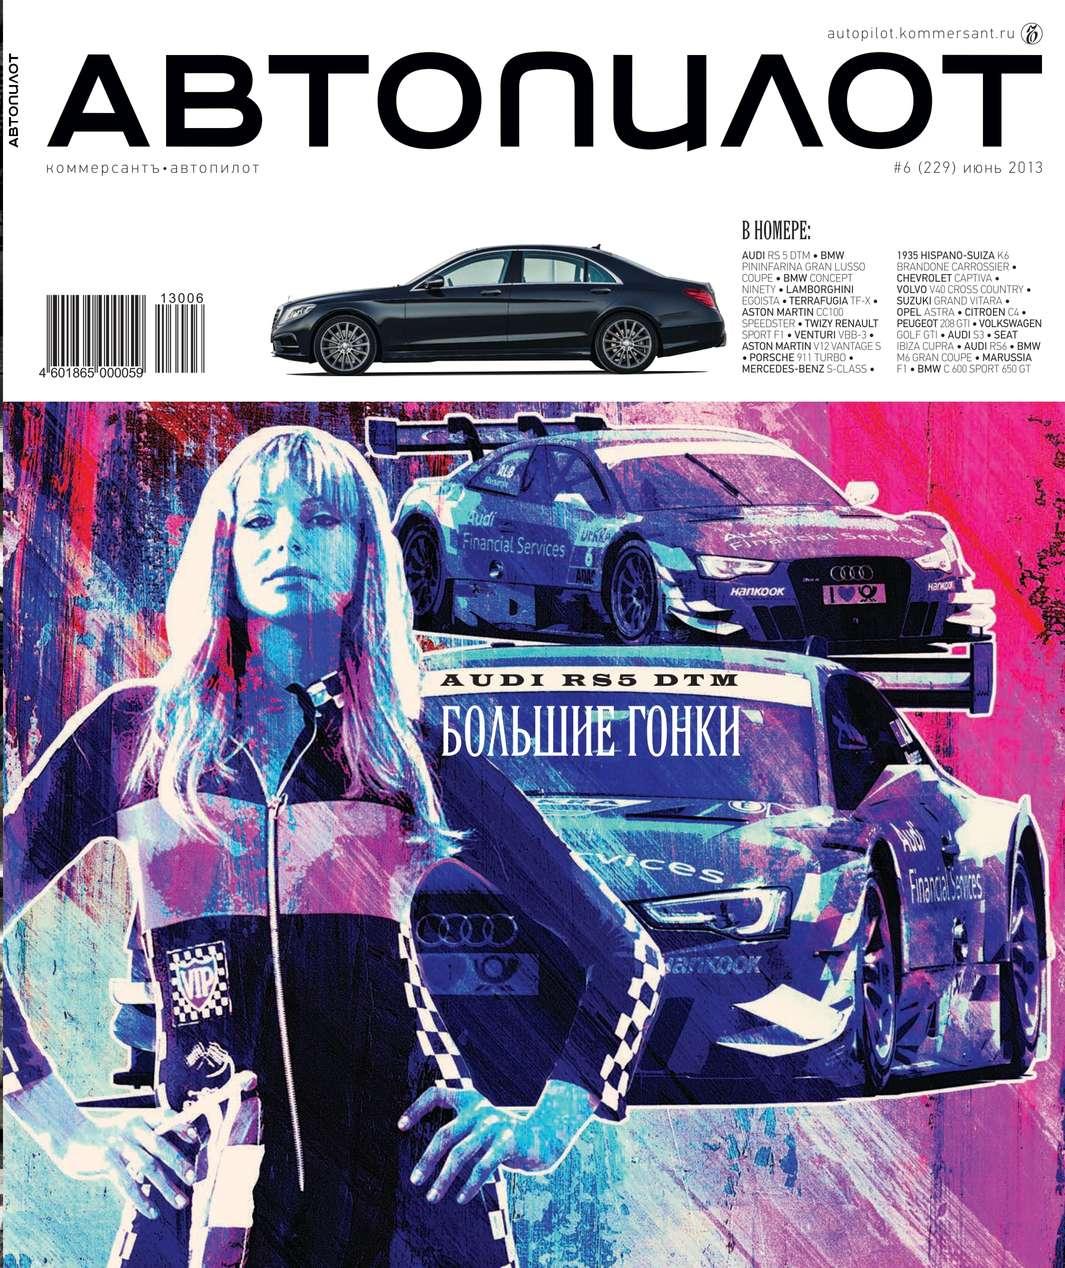 Редакция журнала Автопилот Автопилот 06-2013 новости для автомобилистов 2016